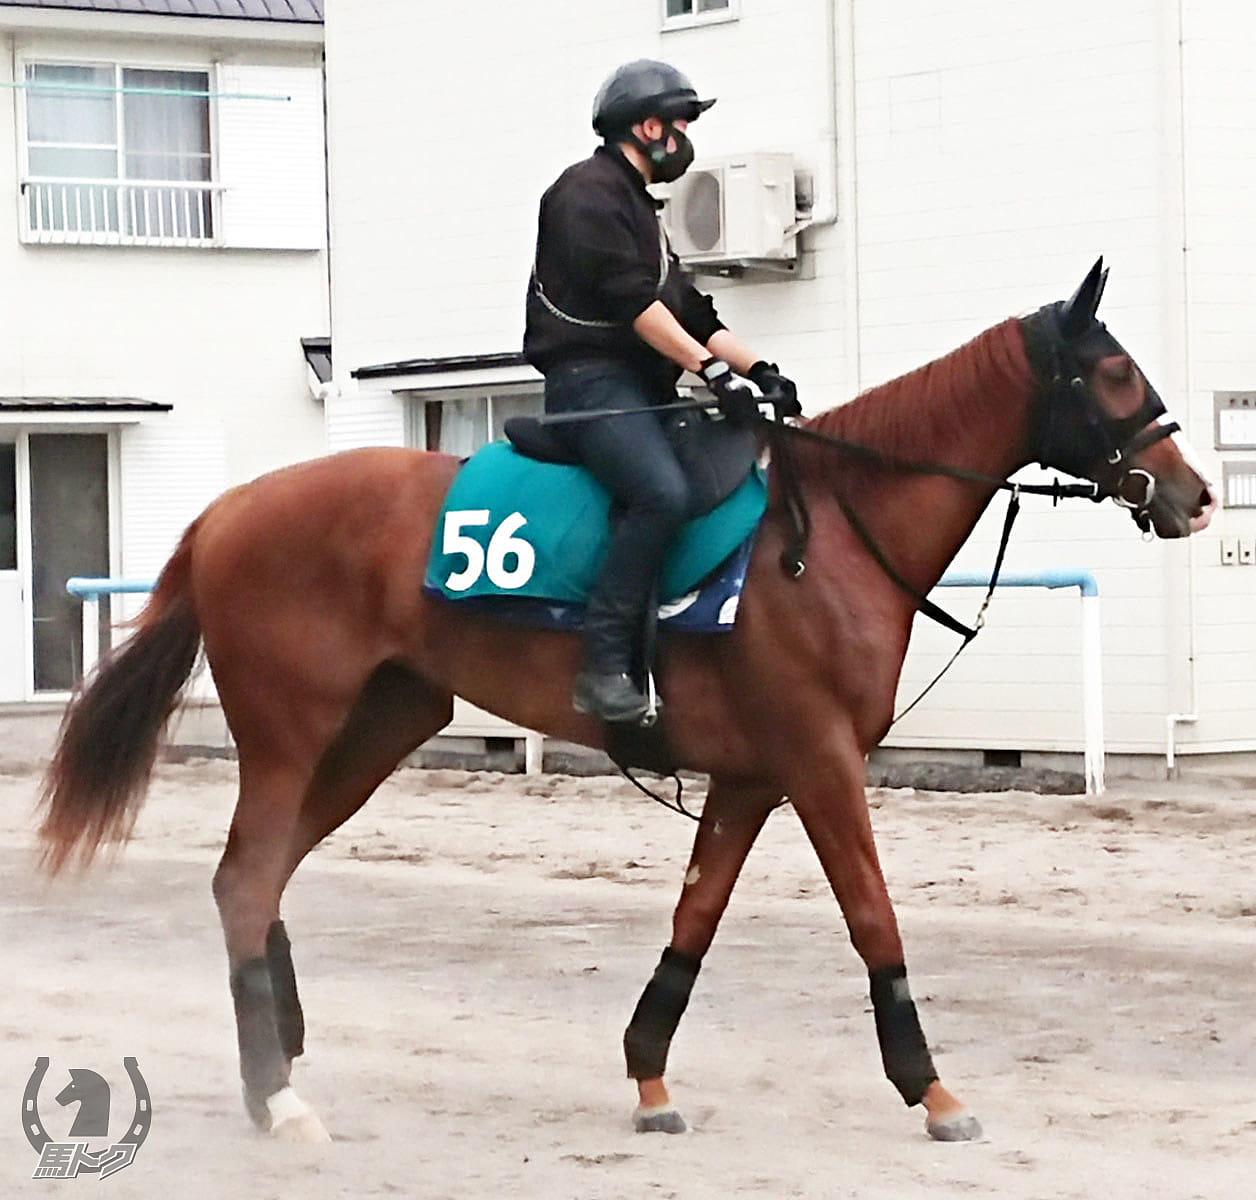 ロジマギーゴーの馬体写真